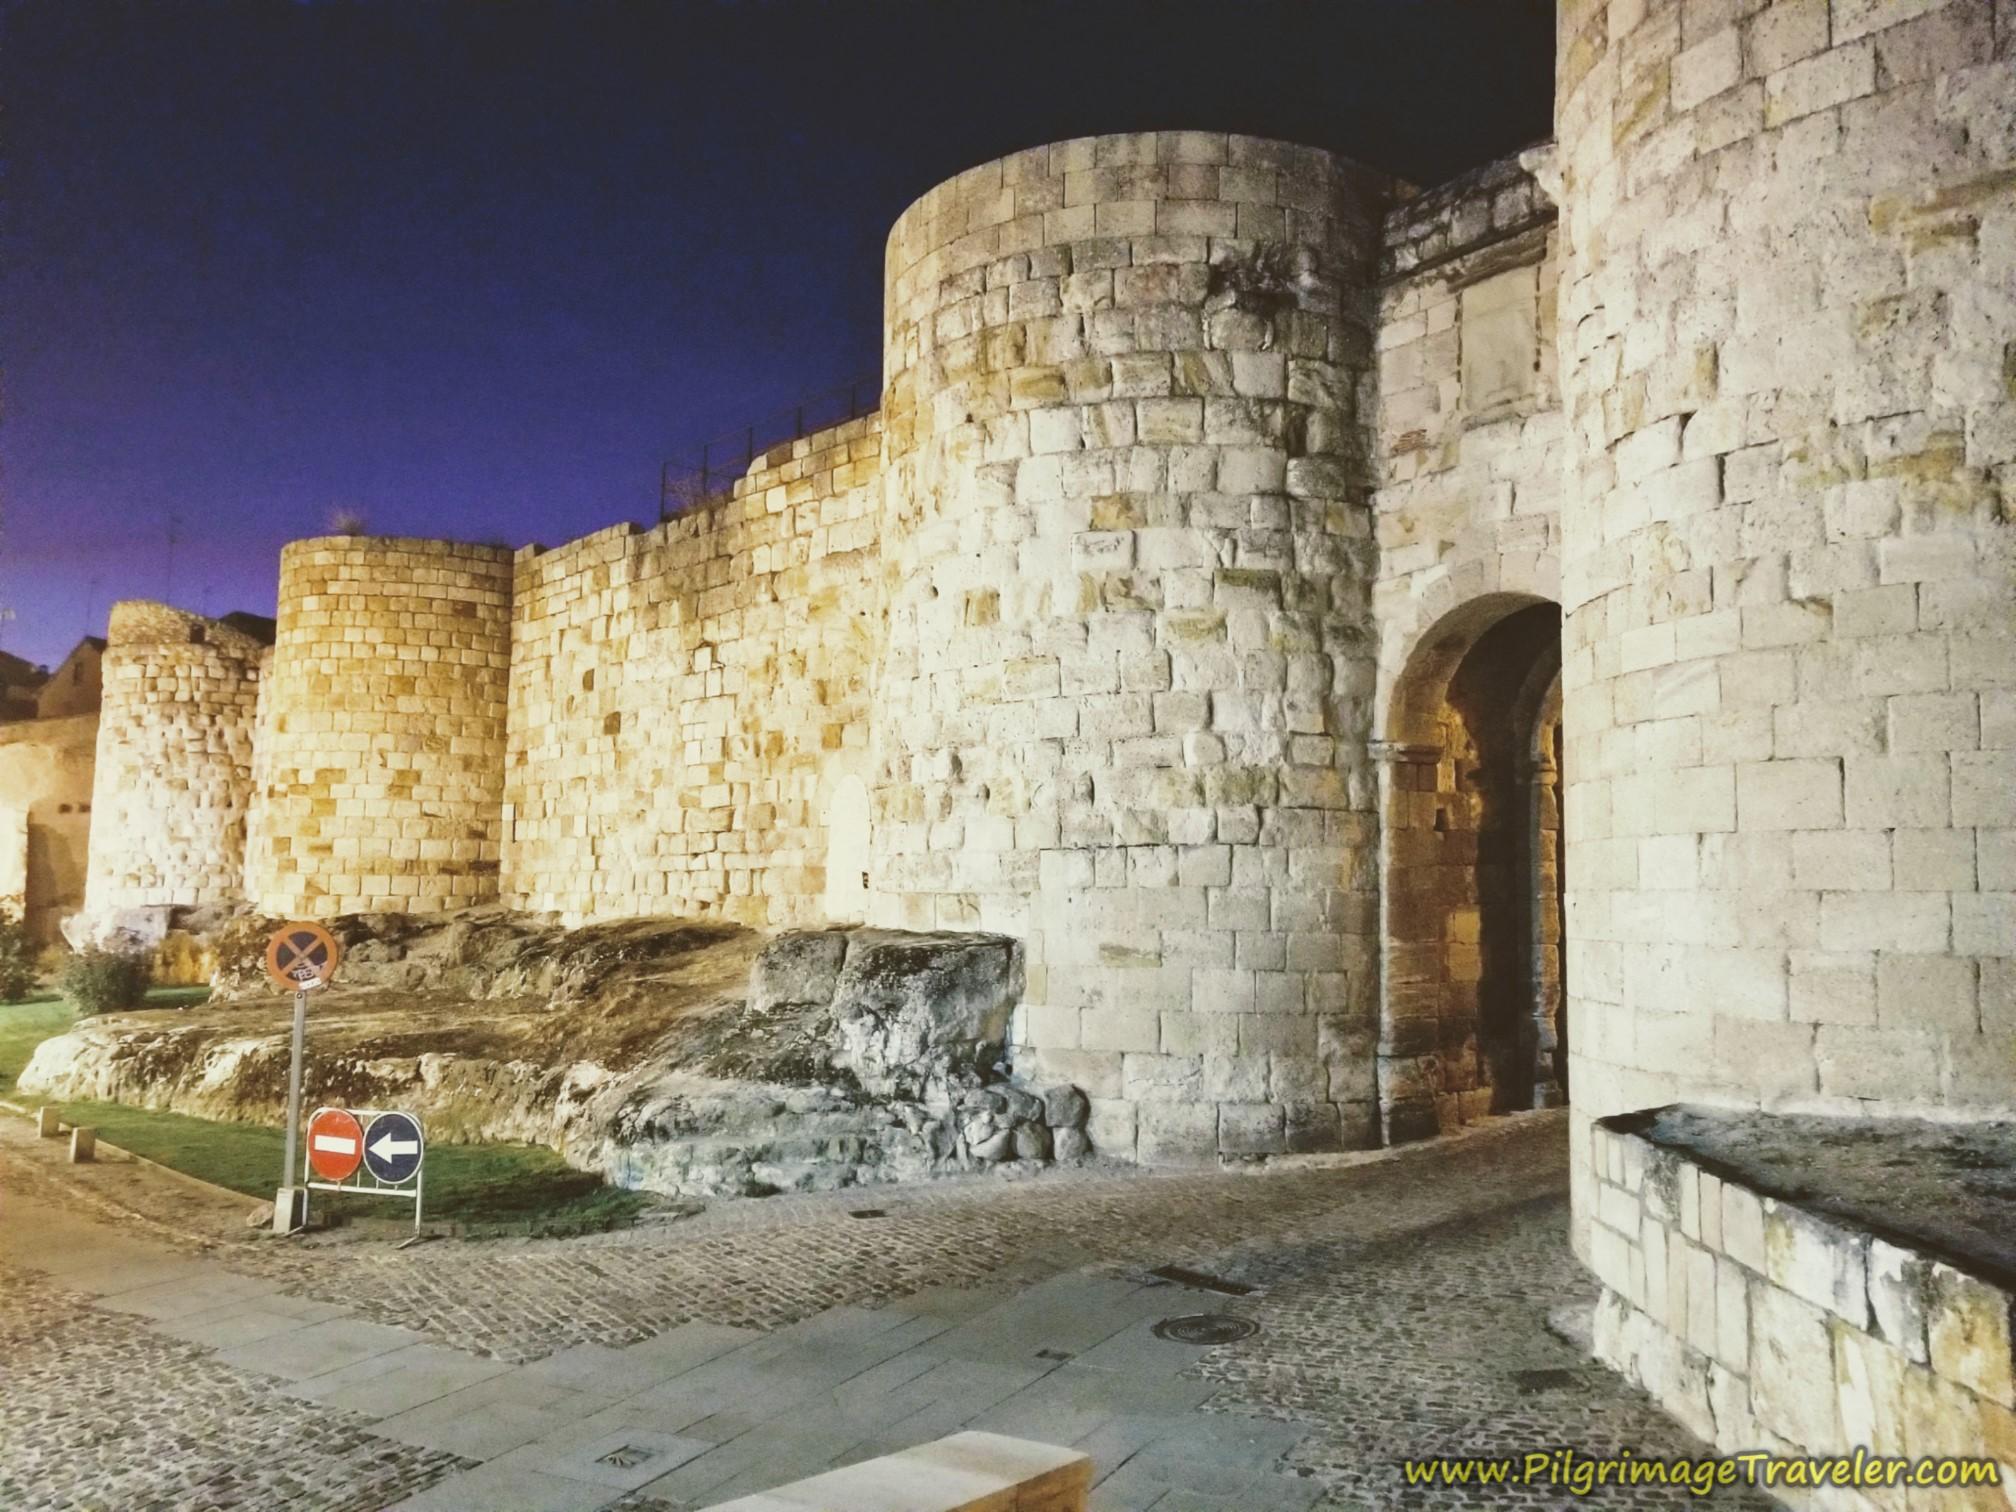 Puerta de Doña Urraca, medieval walls of Zamora, on the Vía de la Plata from Zamora to Montamarta